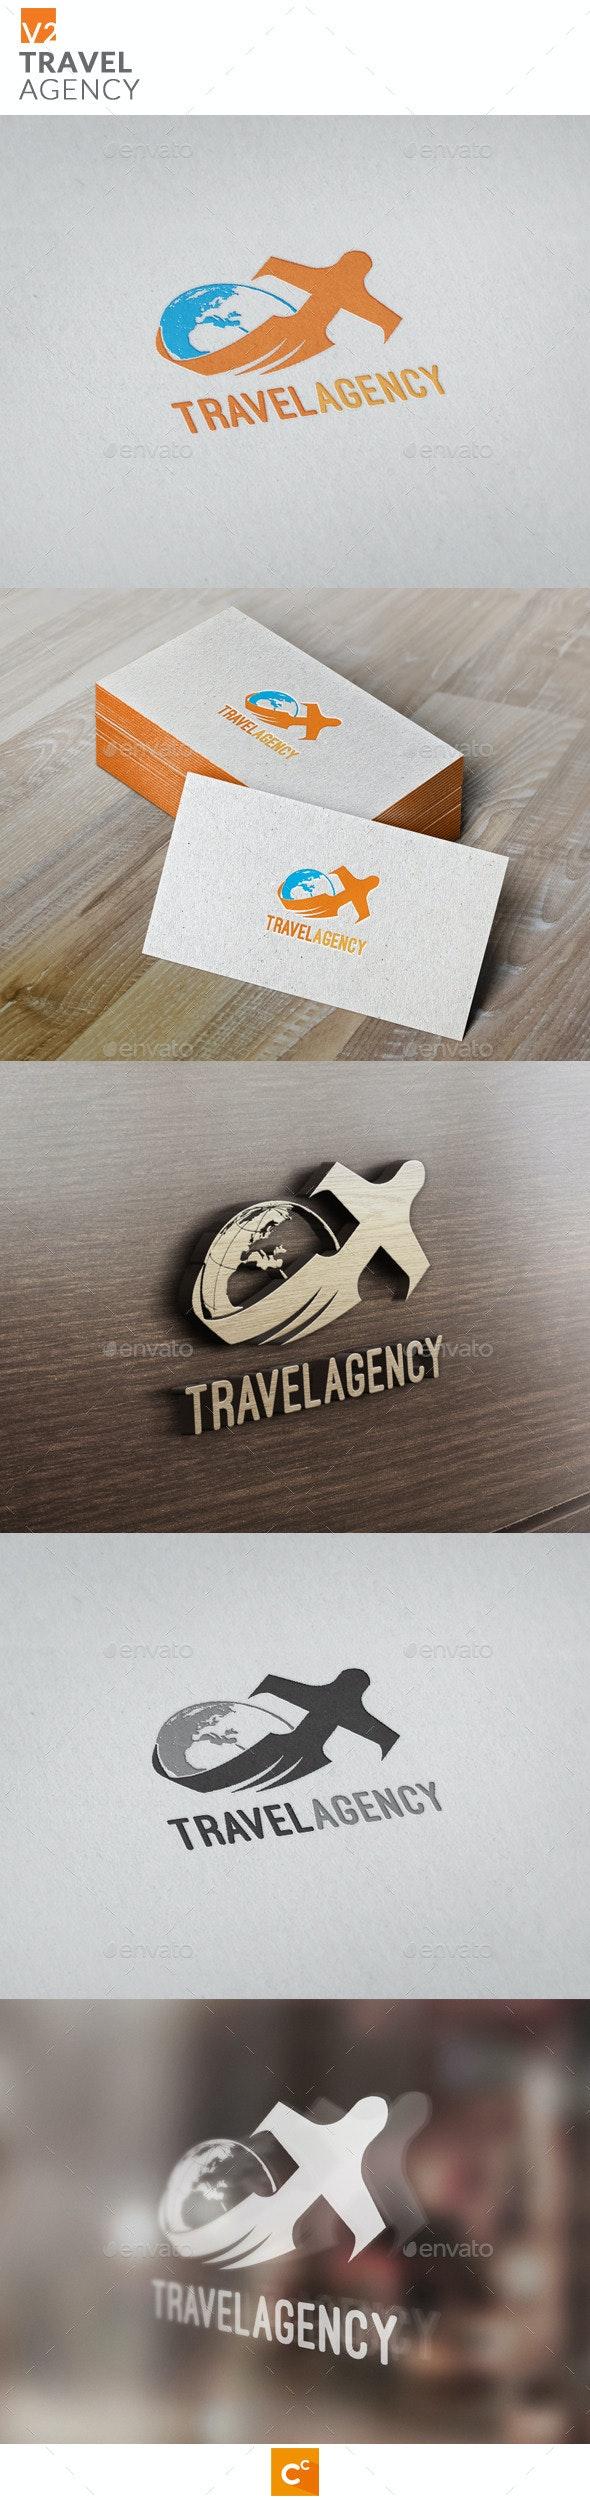 Travel Agency v2 - Objects Logo Templates